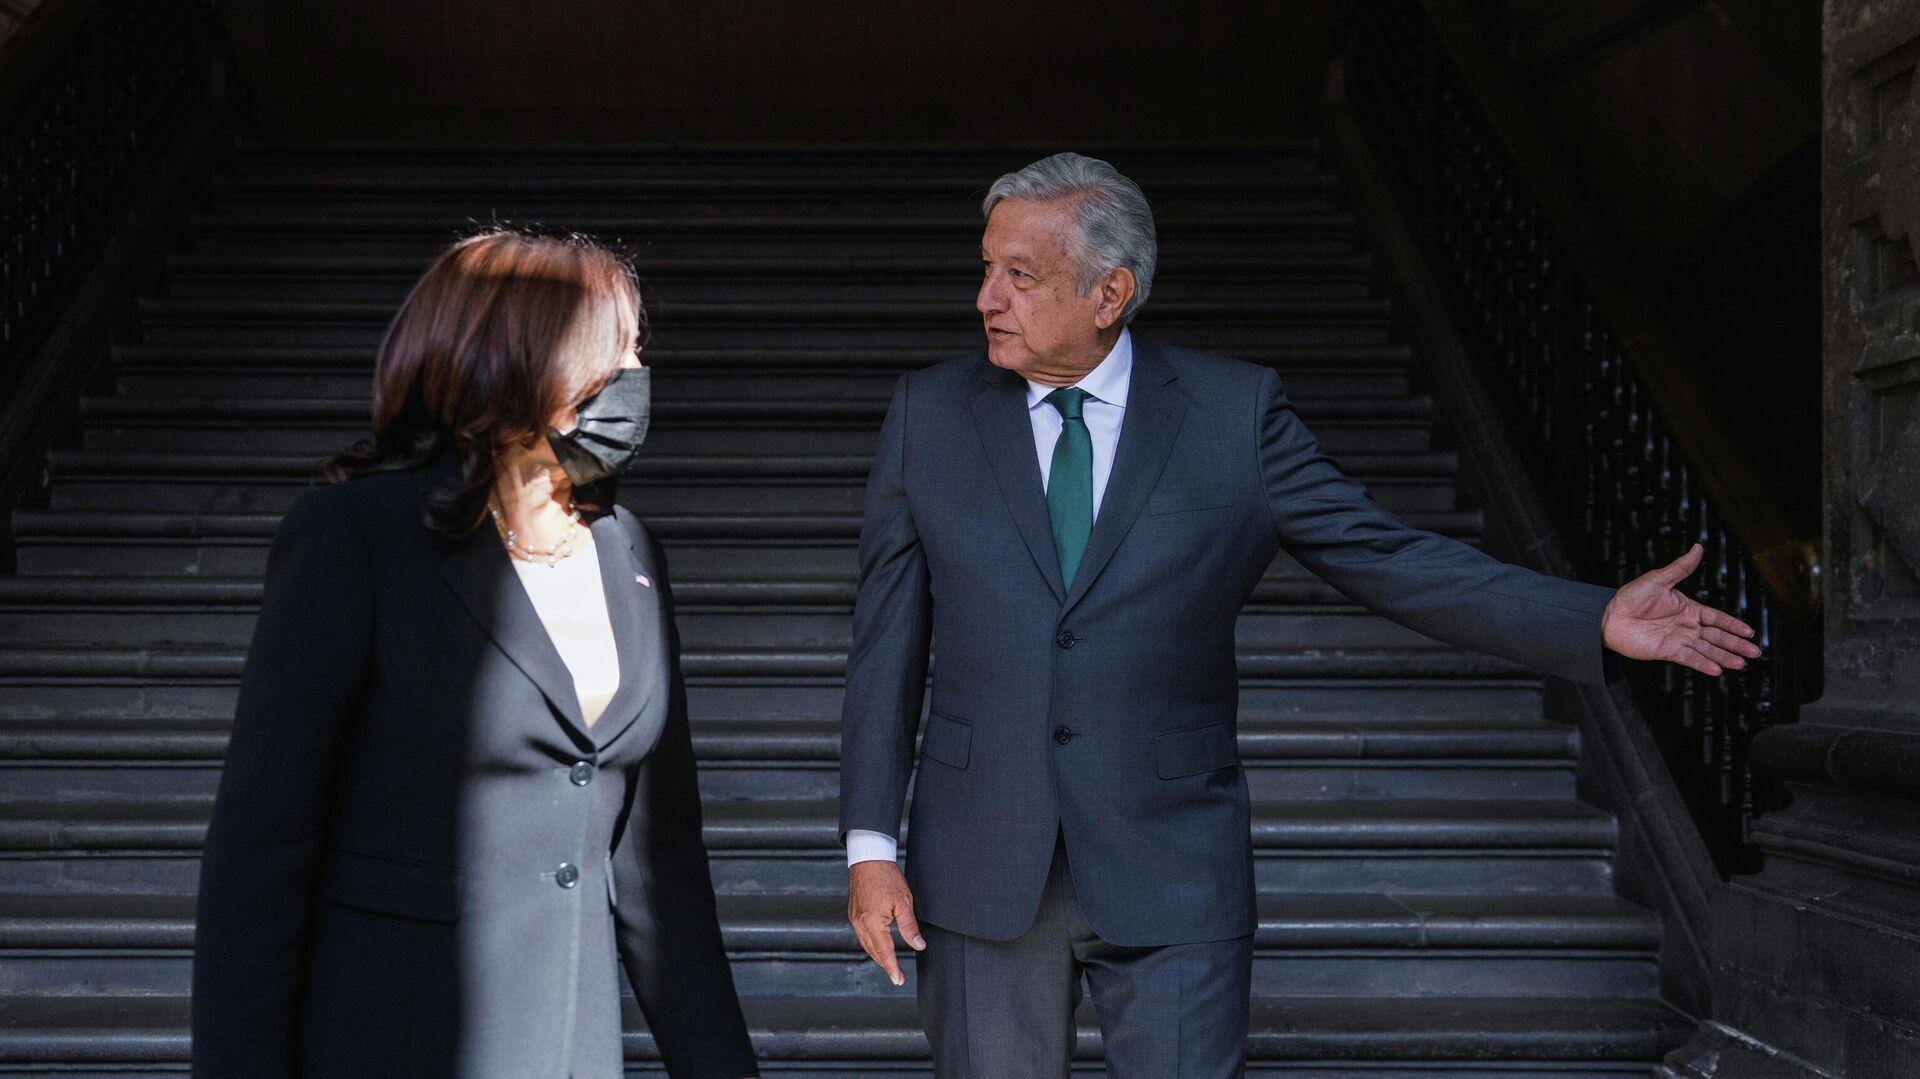 El presidente de México, Andrés Manuel López Obrador, recibe a la vicepresidente de EEUU, Kamala Harris, en el Palacio Nacional - Sputnik Mundo, 1920, 08.06.2021